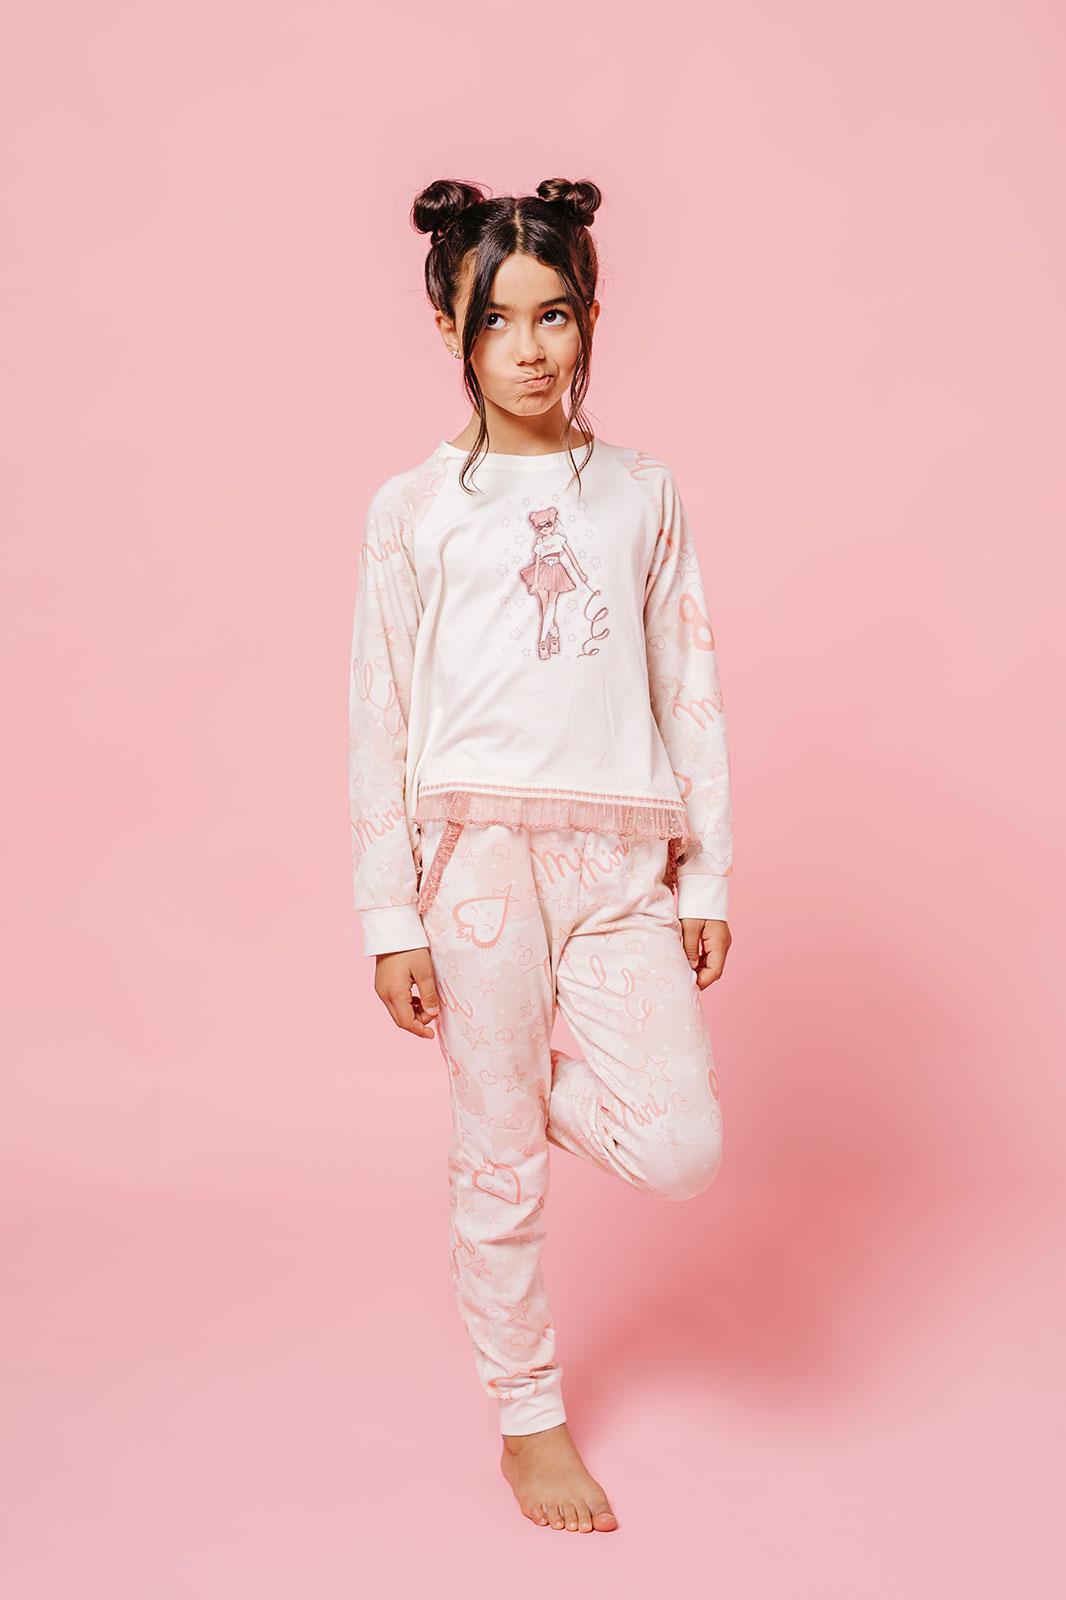 pijama suenya estels 0074 HR Estels